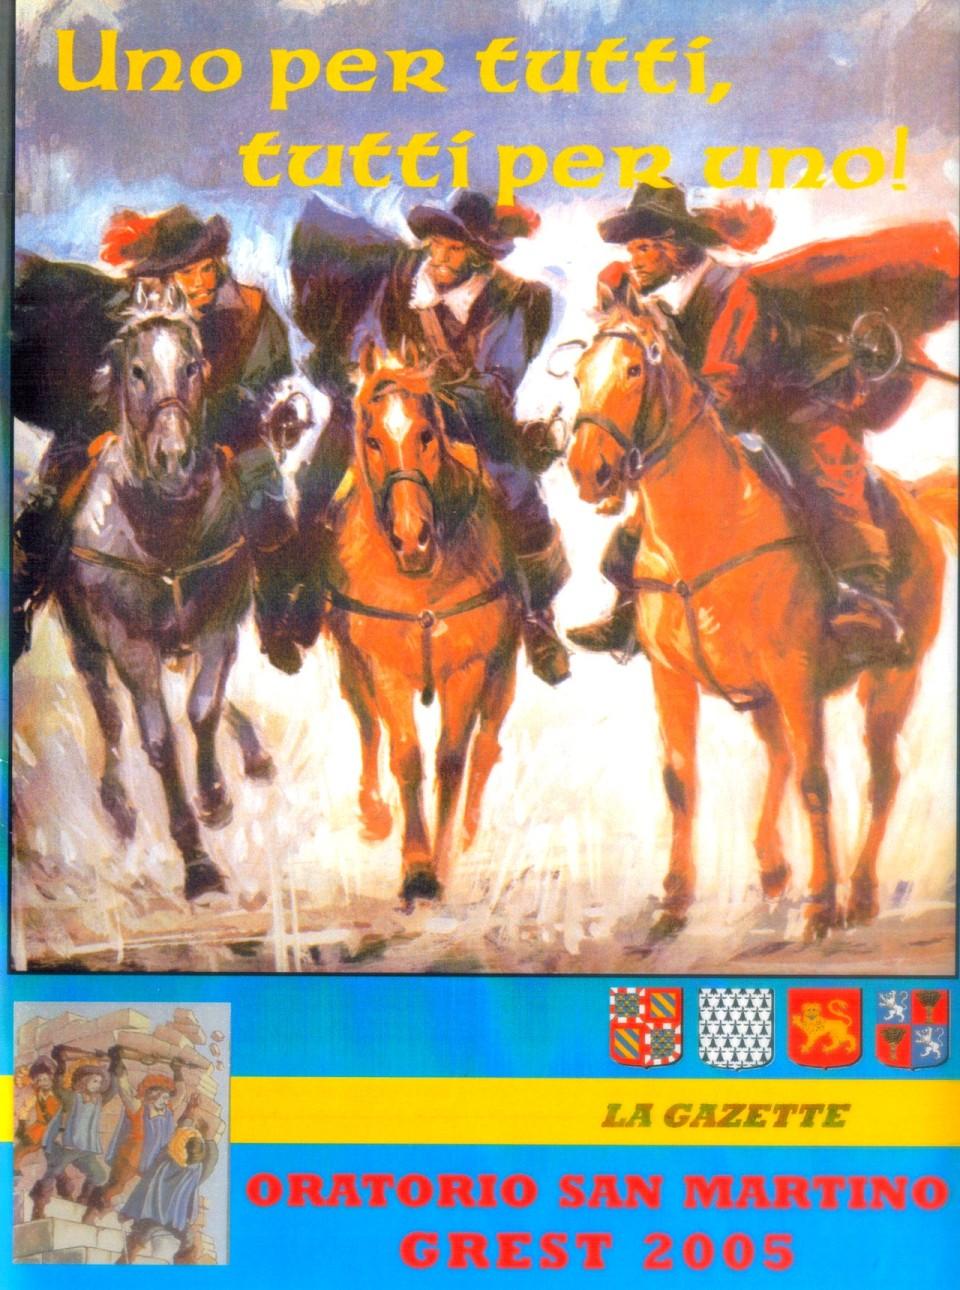 copertina-libretto-grest-2005-tre-moschettieri